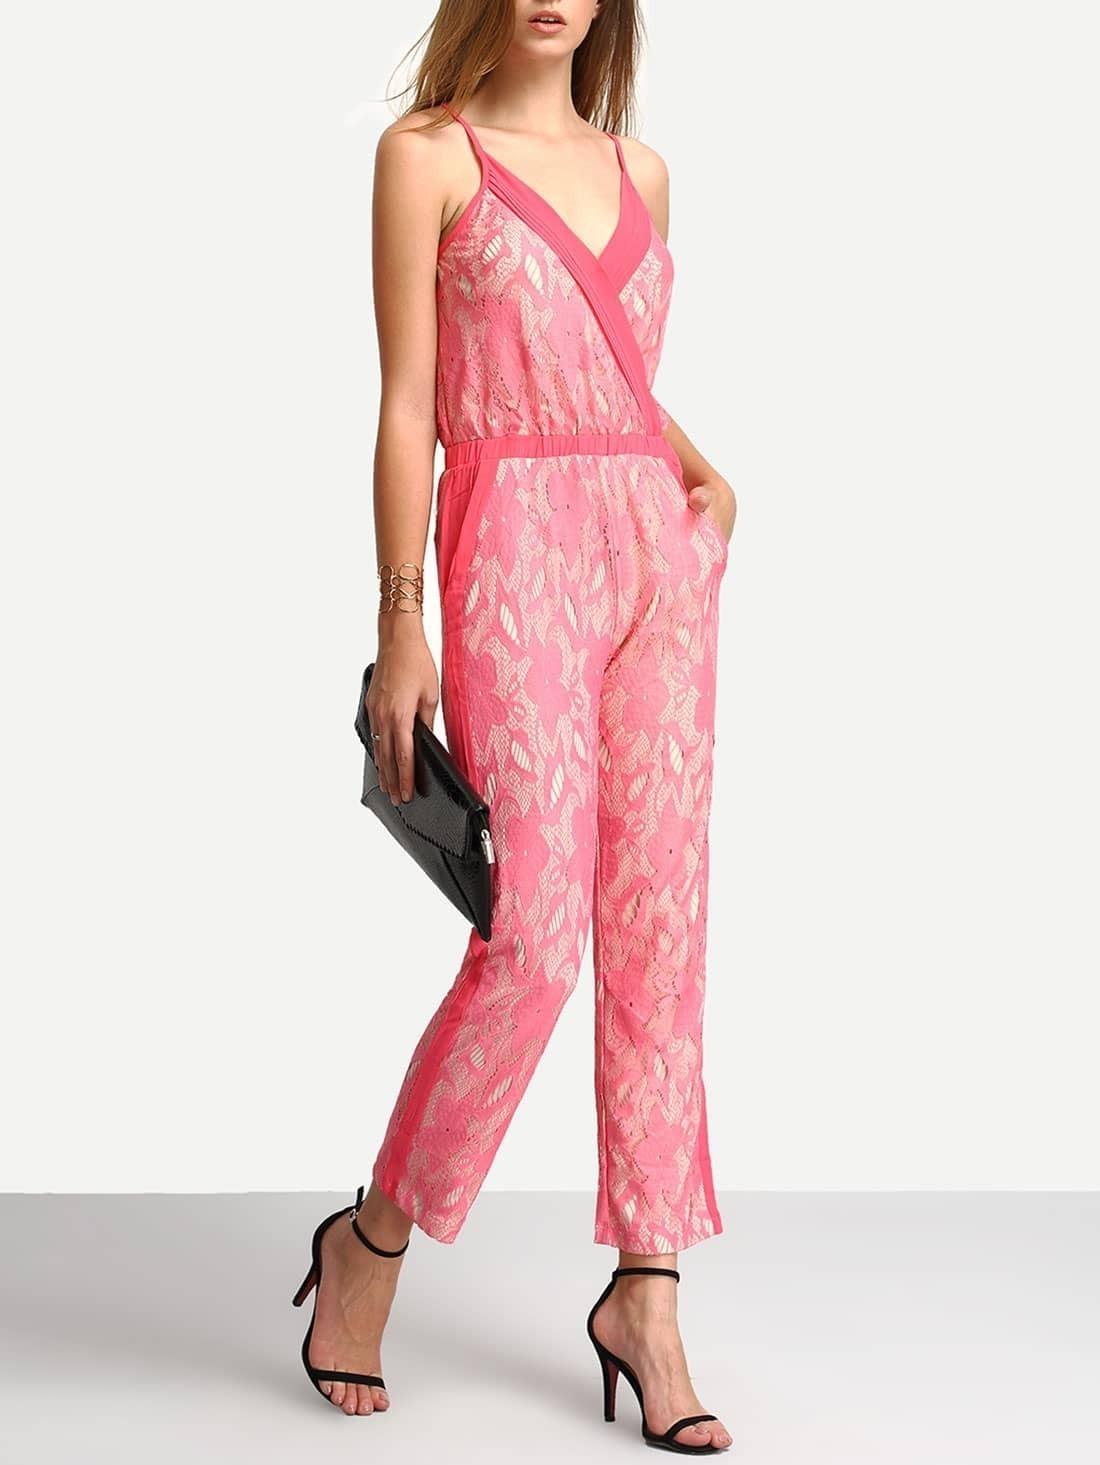 spitze jumpsuit mit spaghettitr ger und v ausschnitt rosa. Black Bedroom Furniture Sets. Home Design Ideas